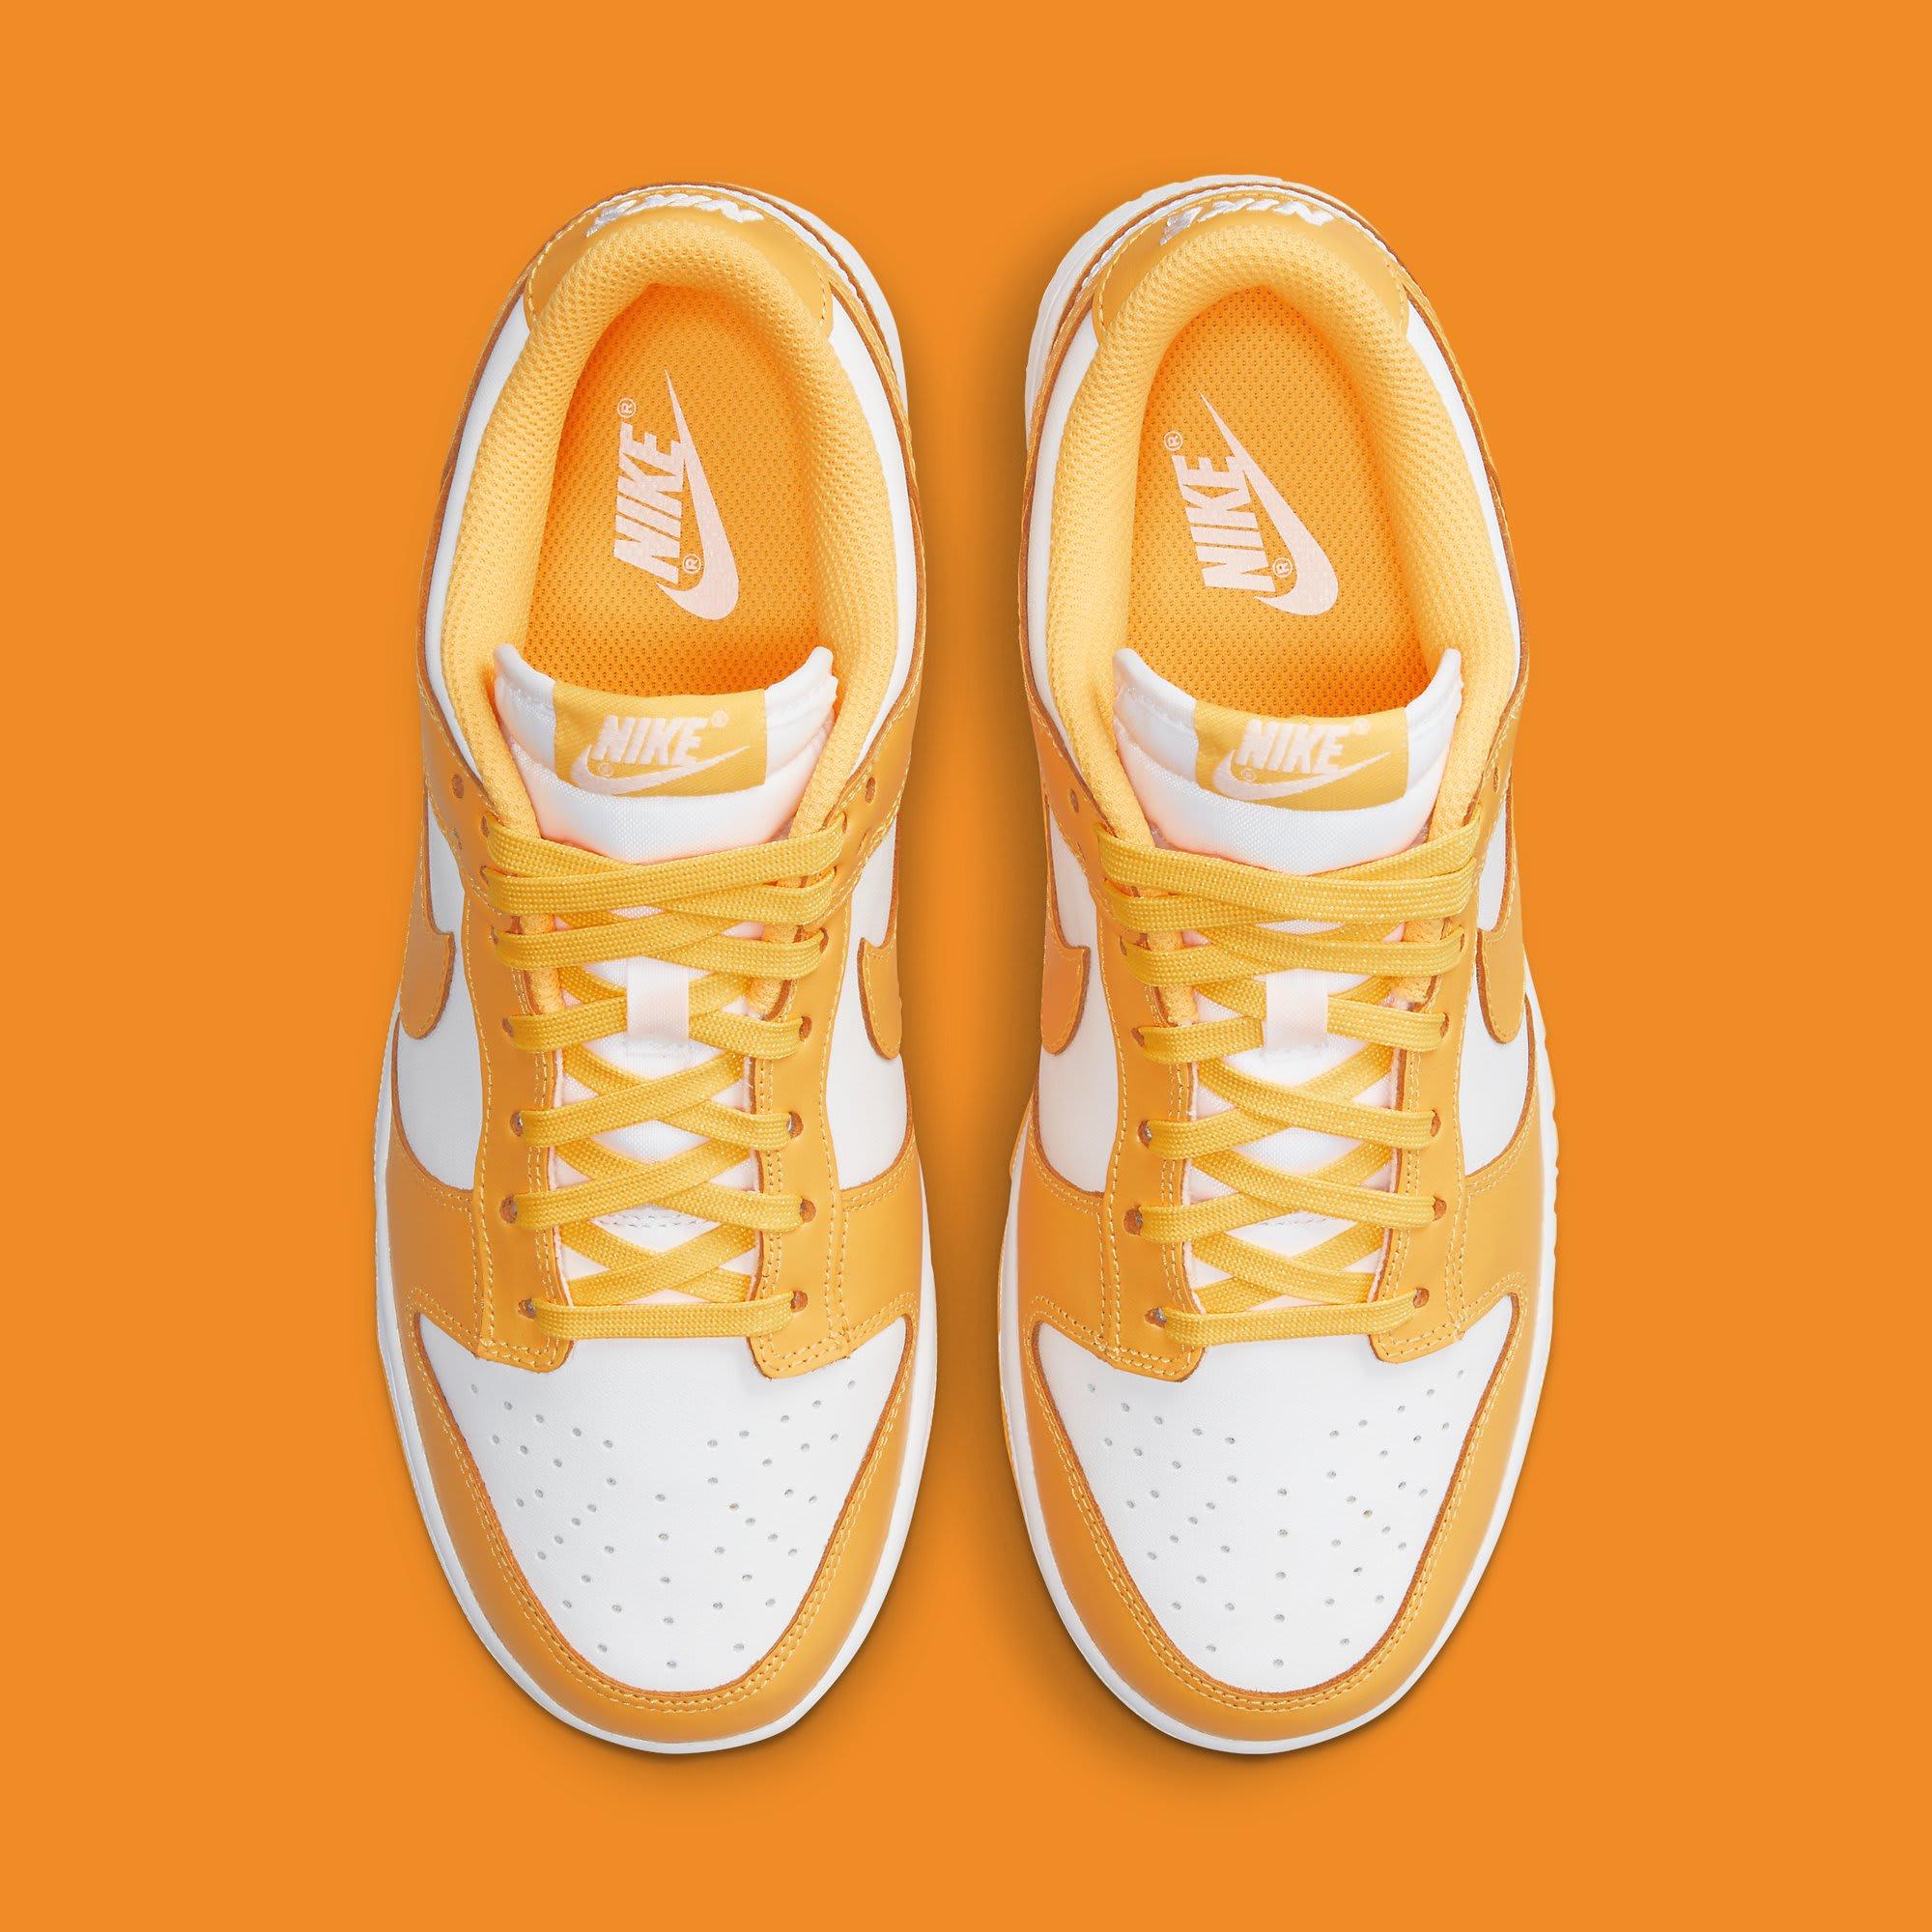 Nike Dunk Low Laser Orange Release Date DD1503-800 Top